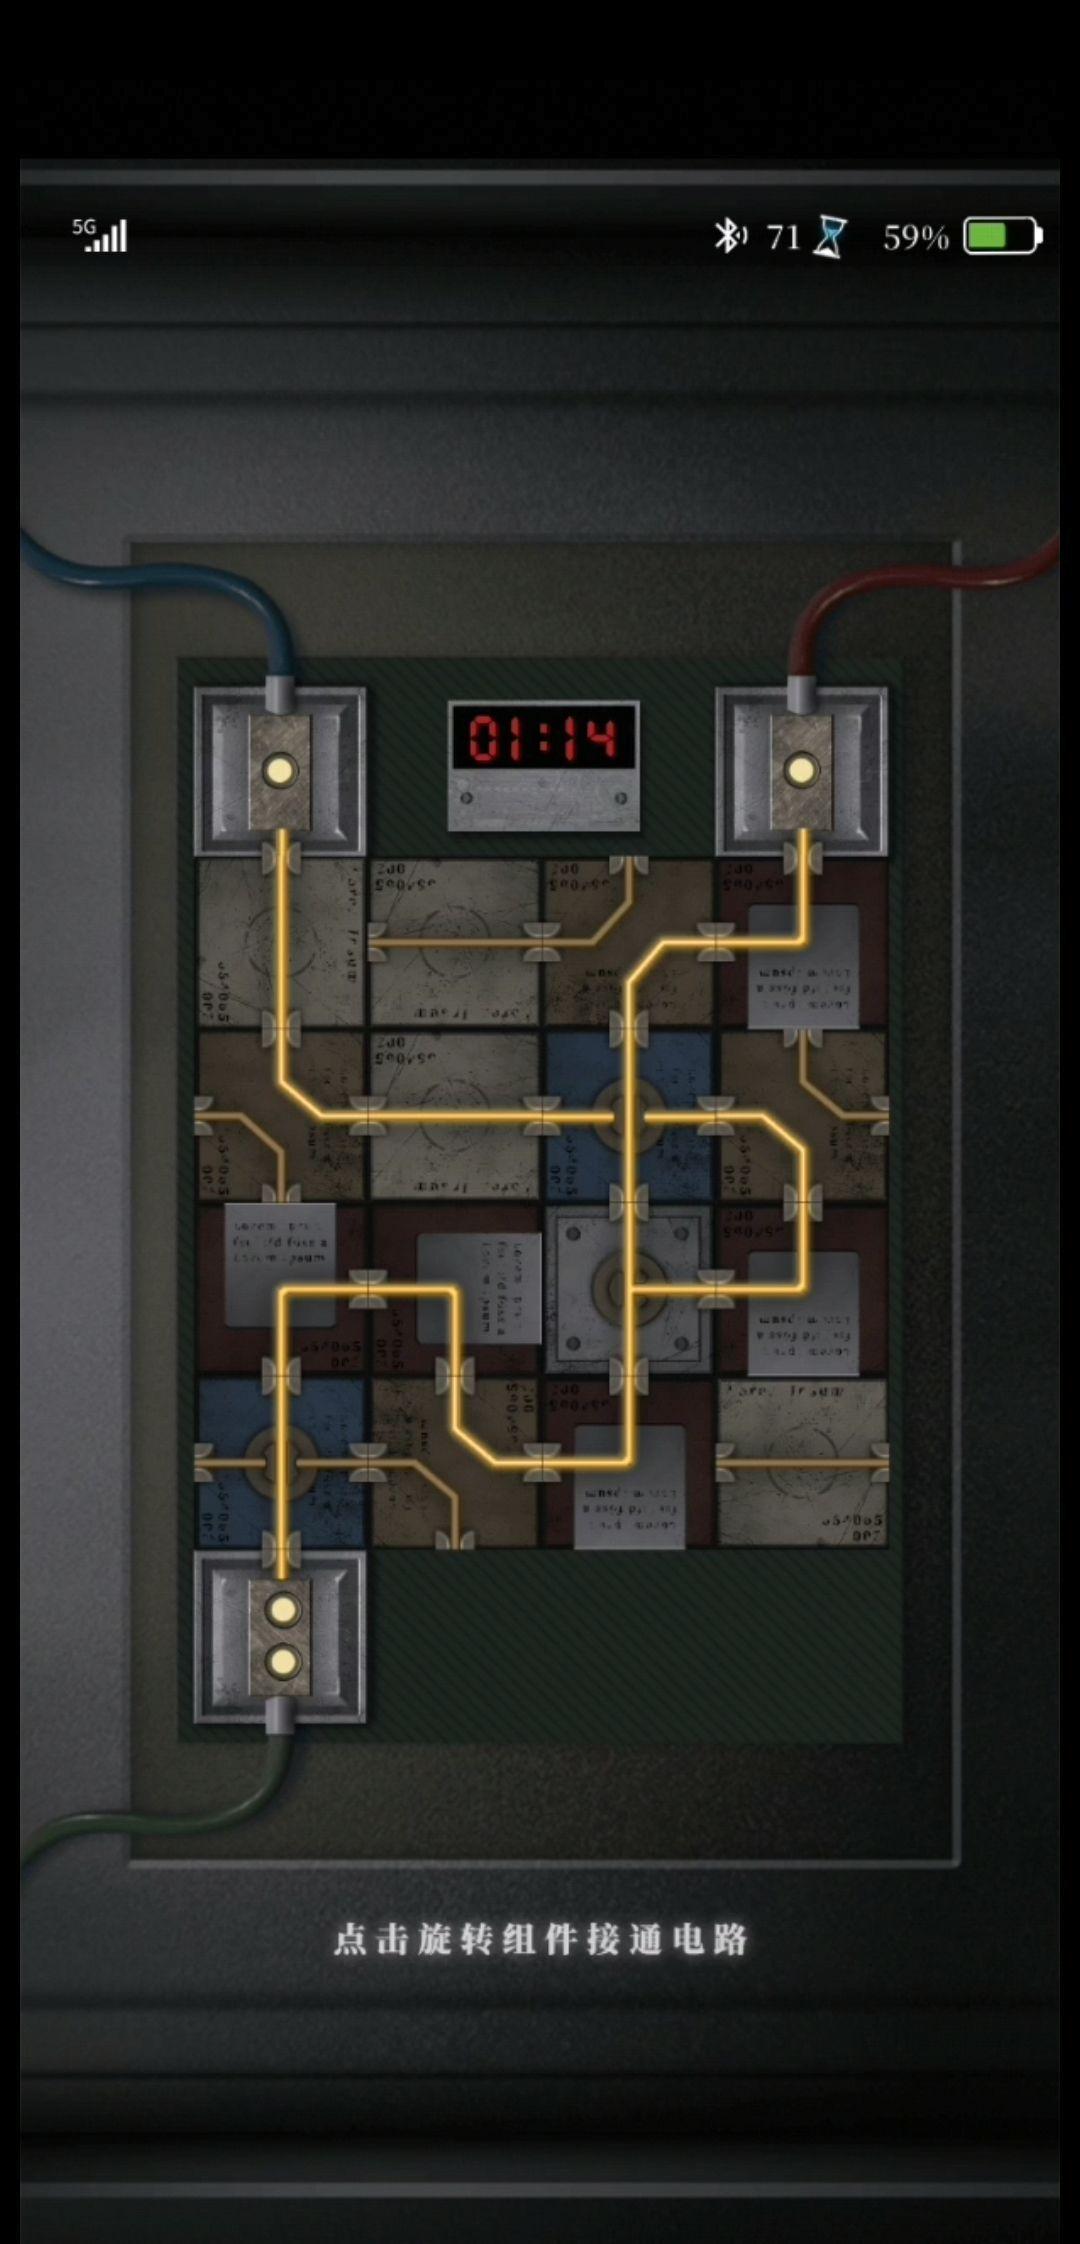 数独密室电路图攻略一览 寂静公馆电路怎么接